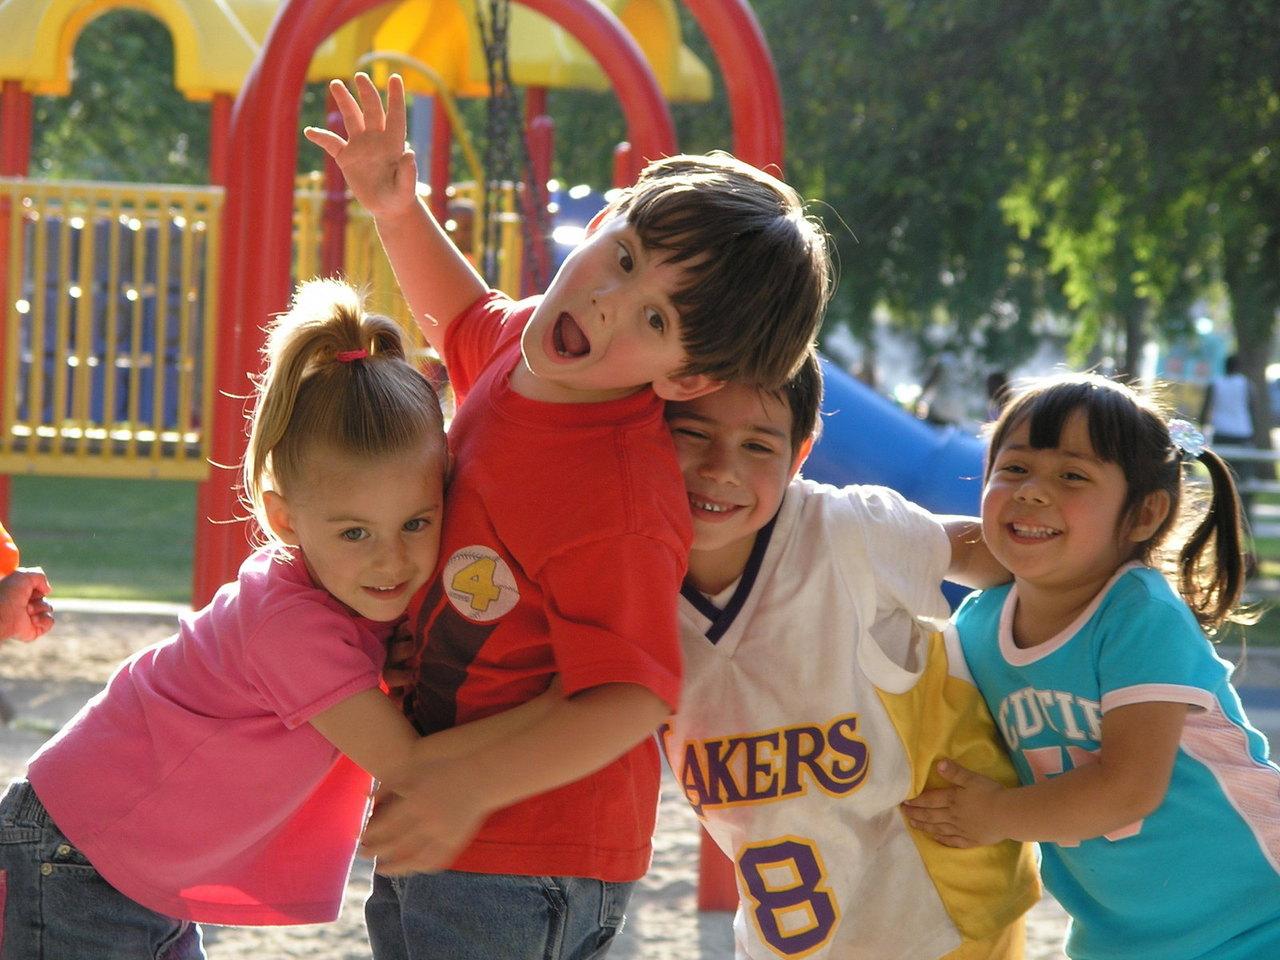 LAPSED KOOLI! Eesti Lasterikaste Perede Liit kogub taas lasterikaste perede lastele koolitarbeid